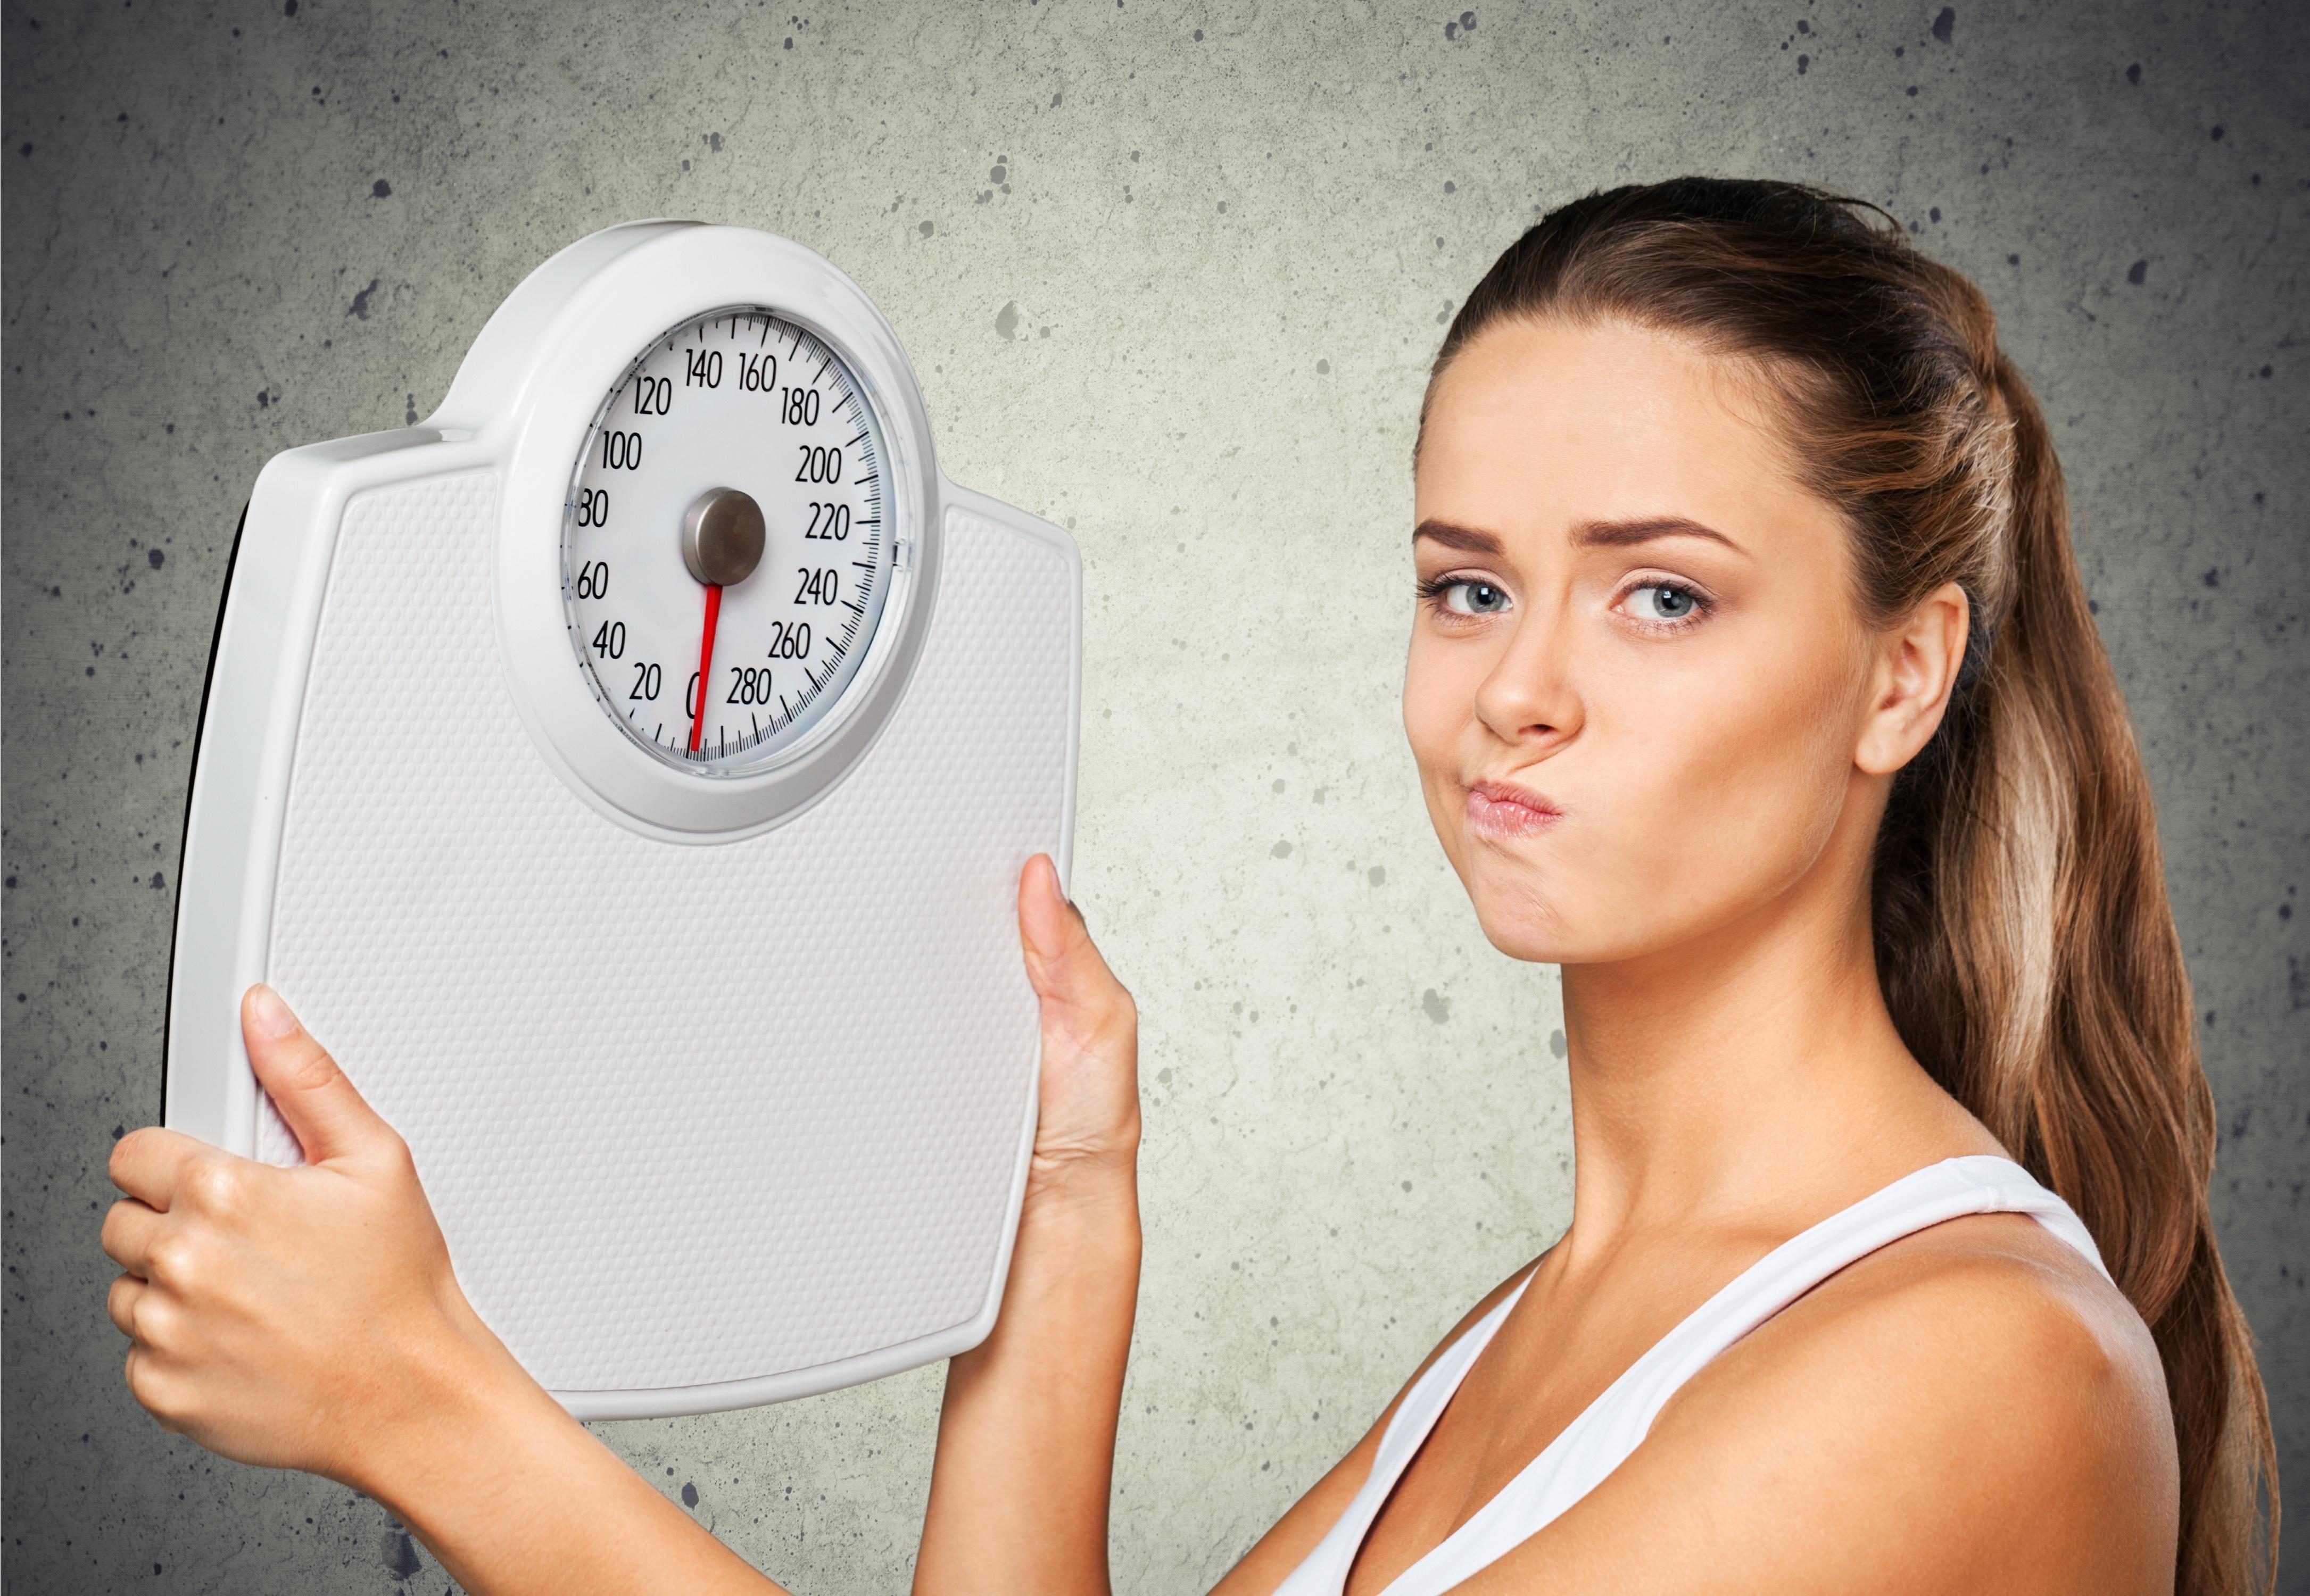 30 day trial diet pills